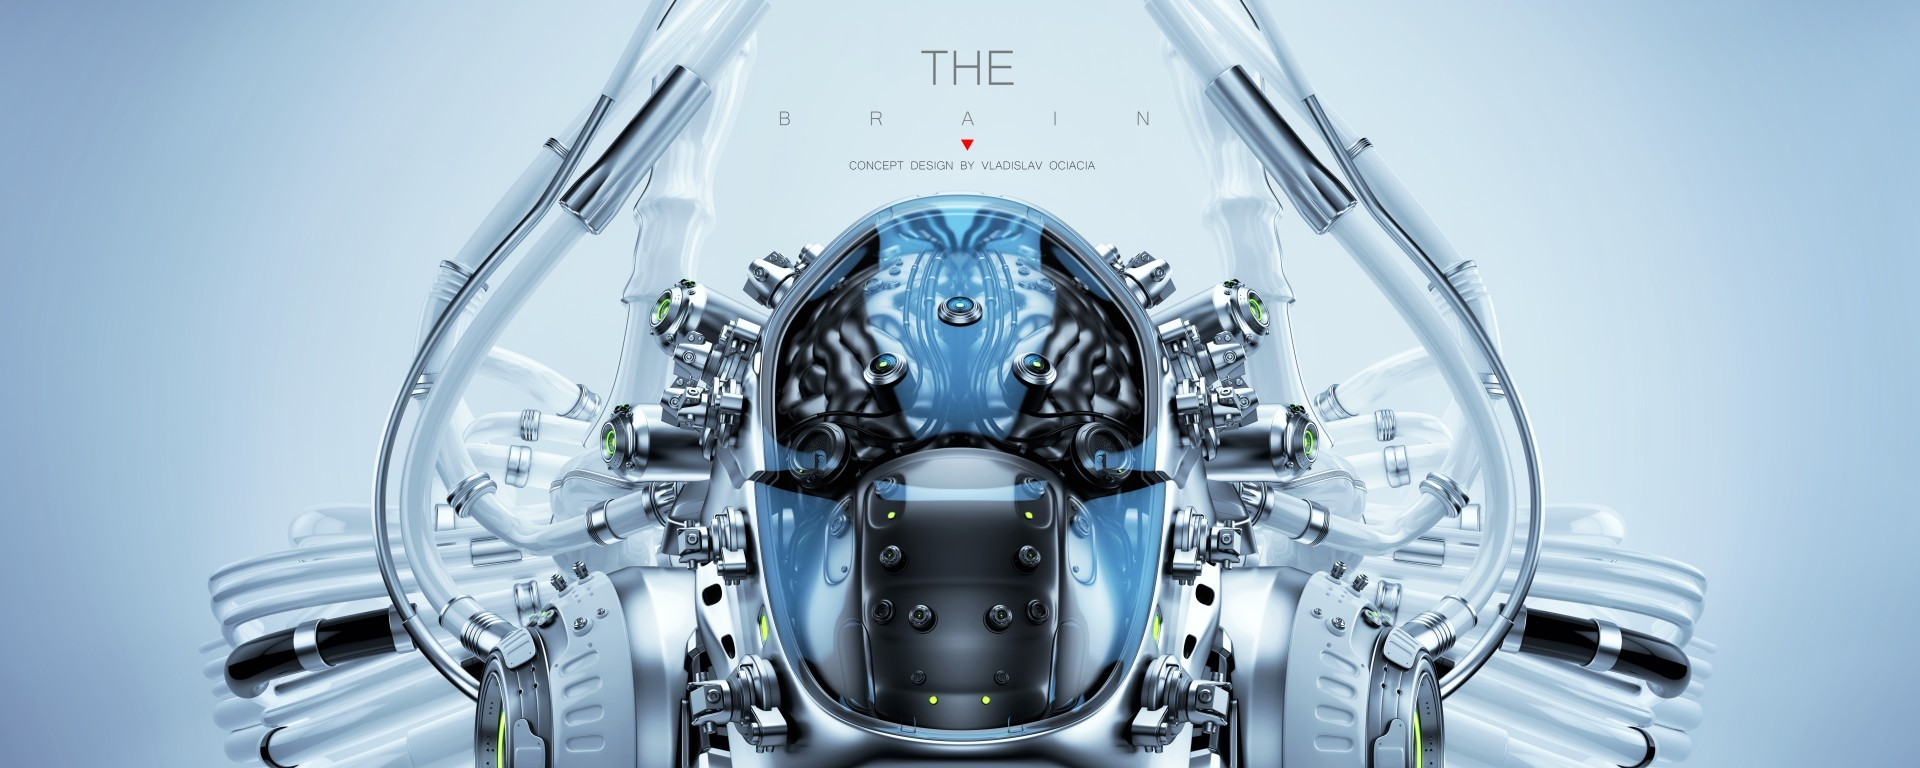 Vladislav ociacia robotic brain 1